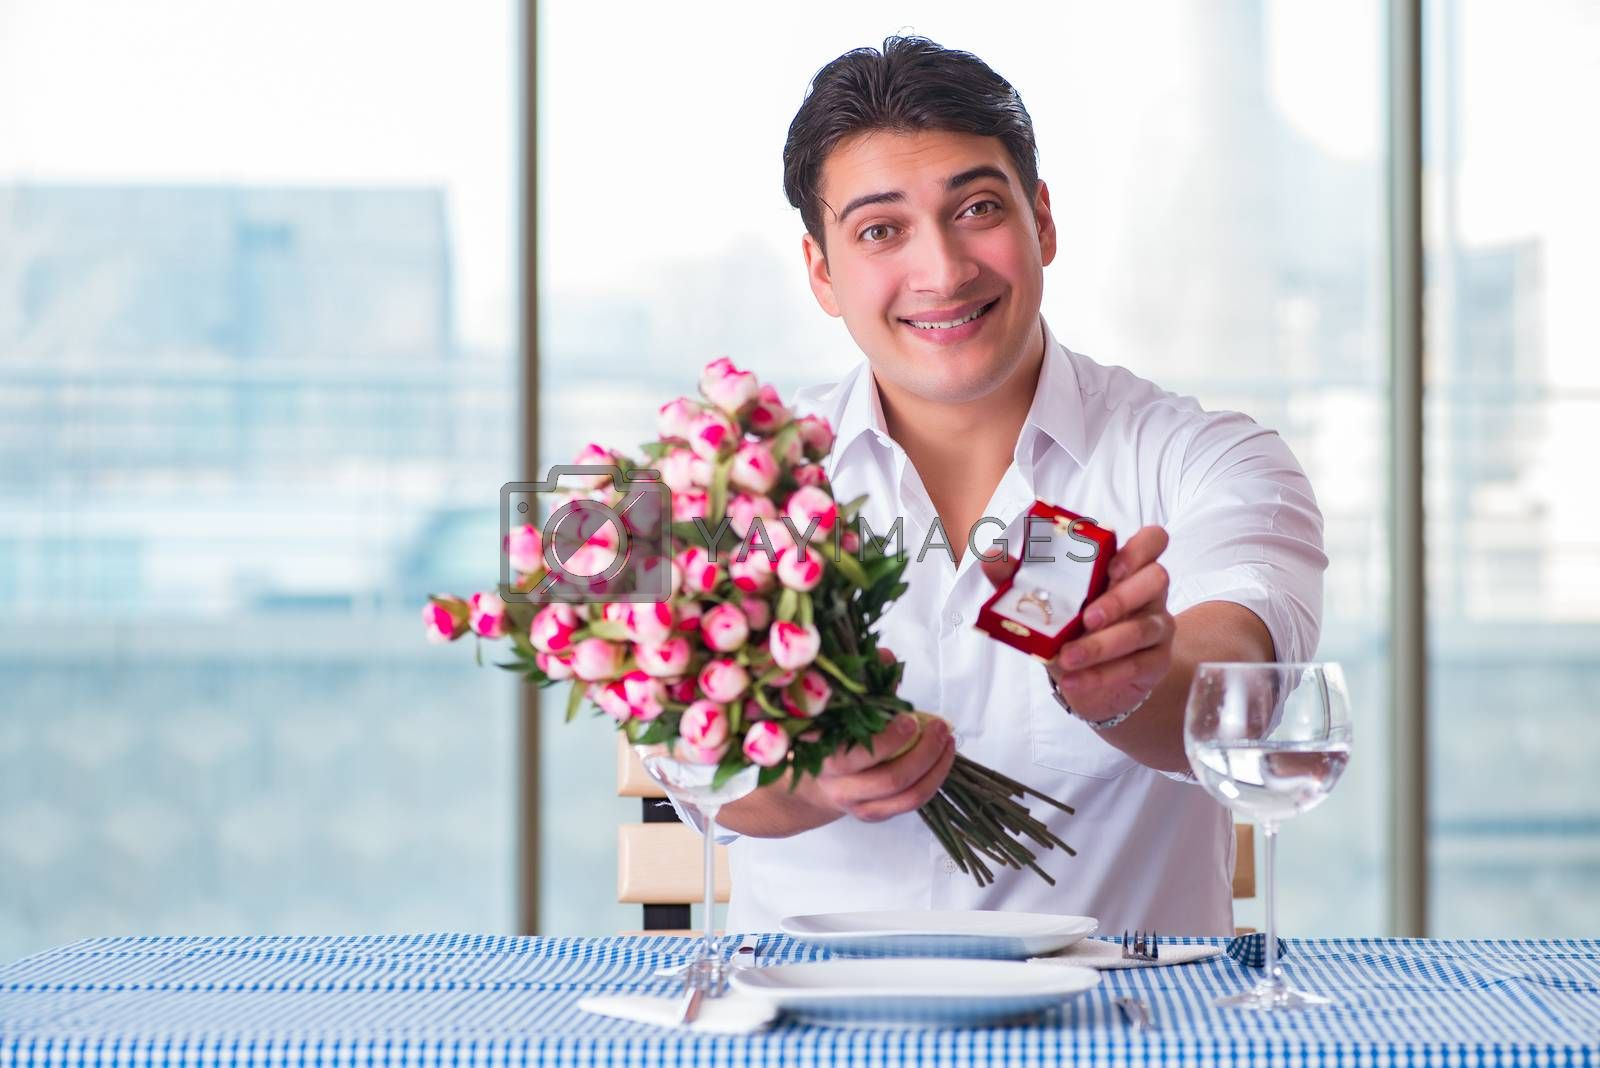 Handsome man alone in restaraunt on date